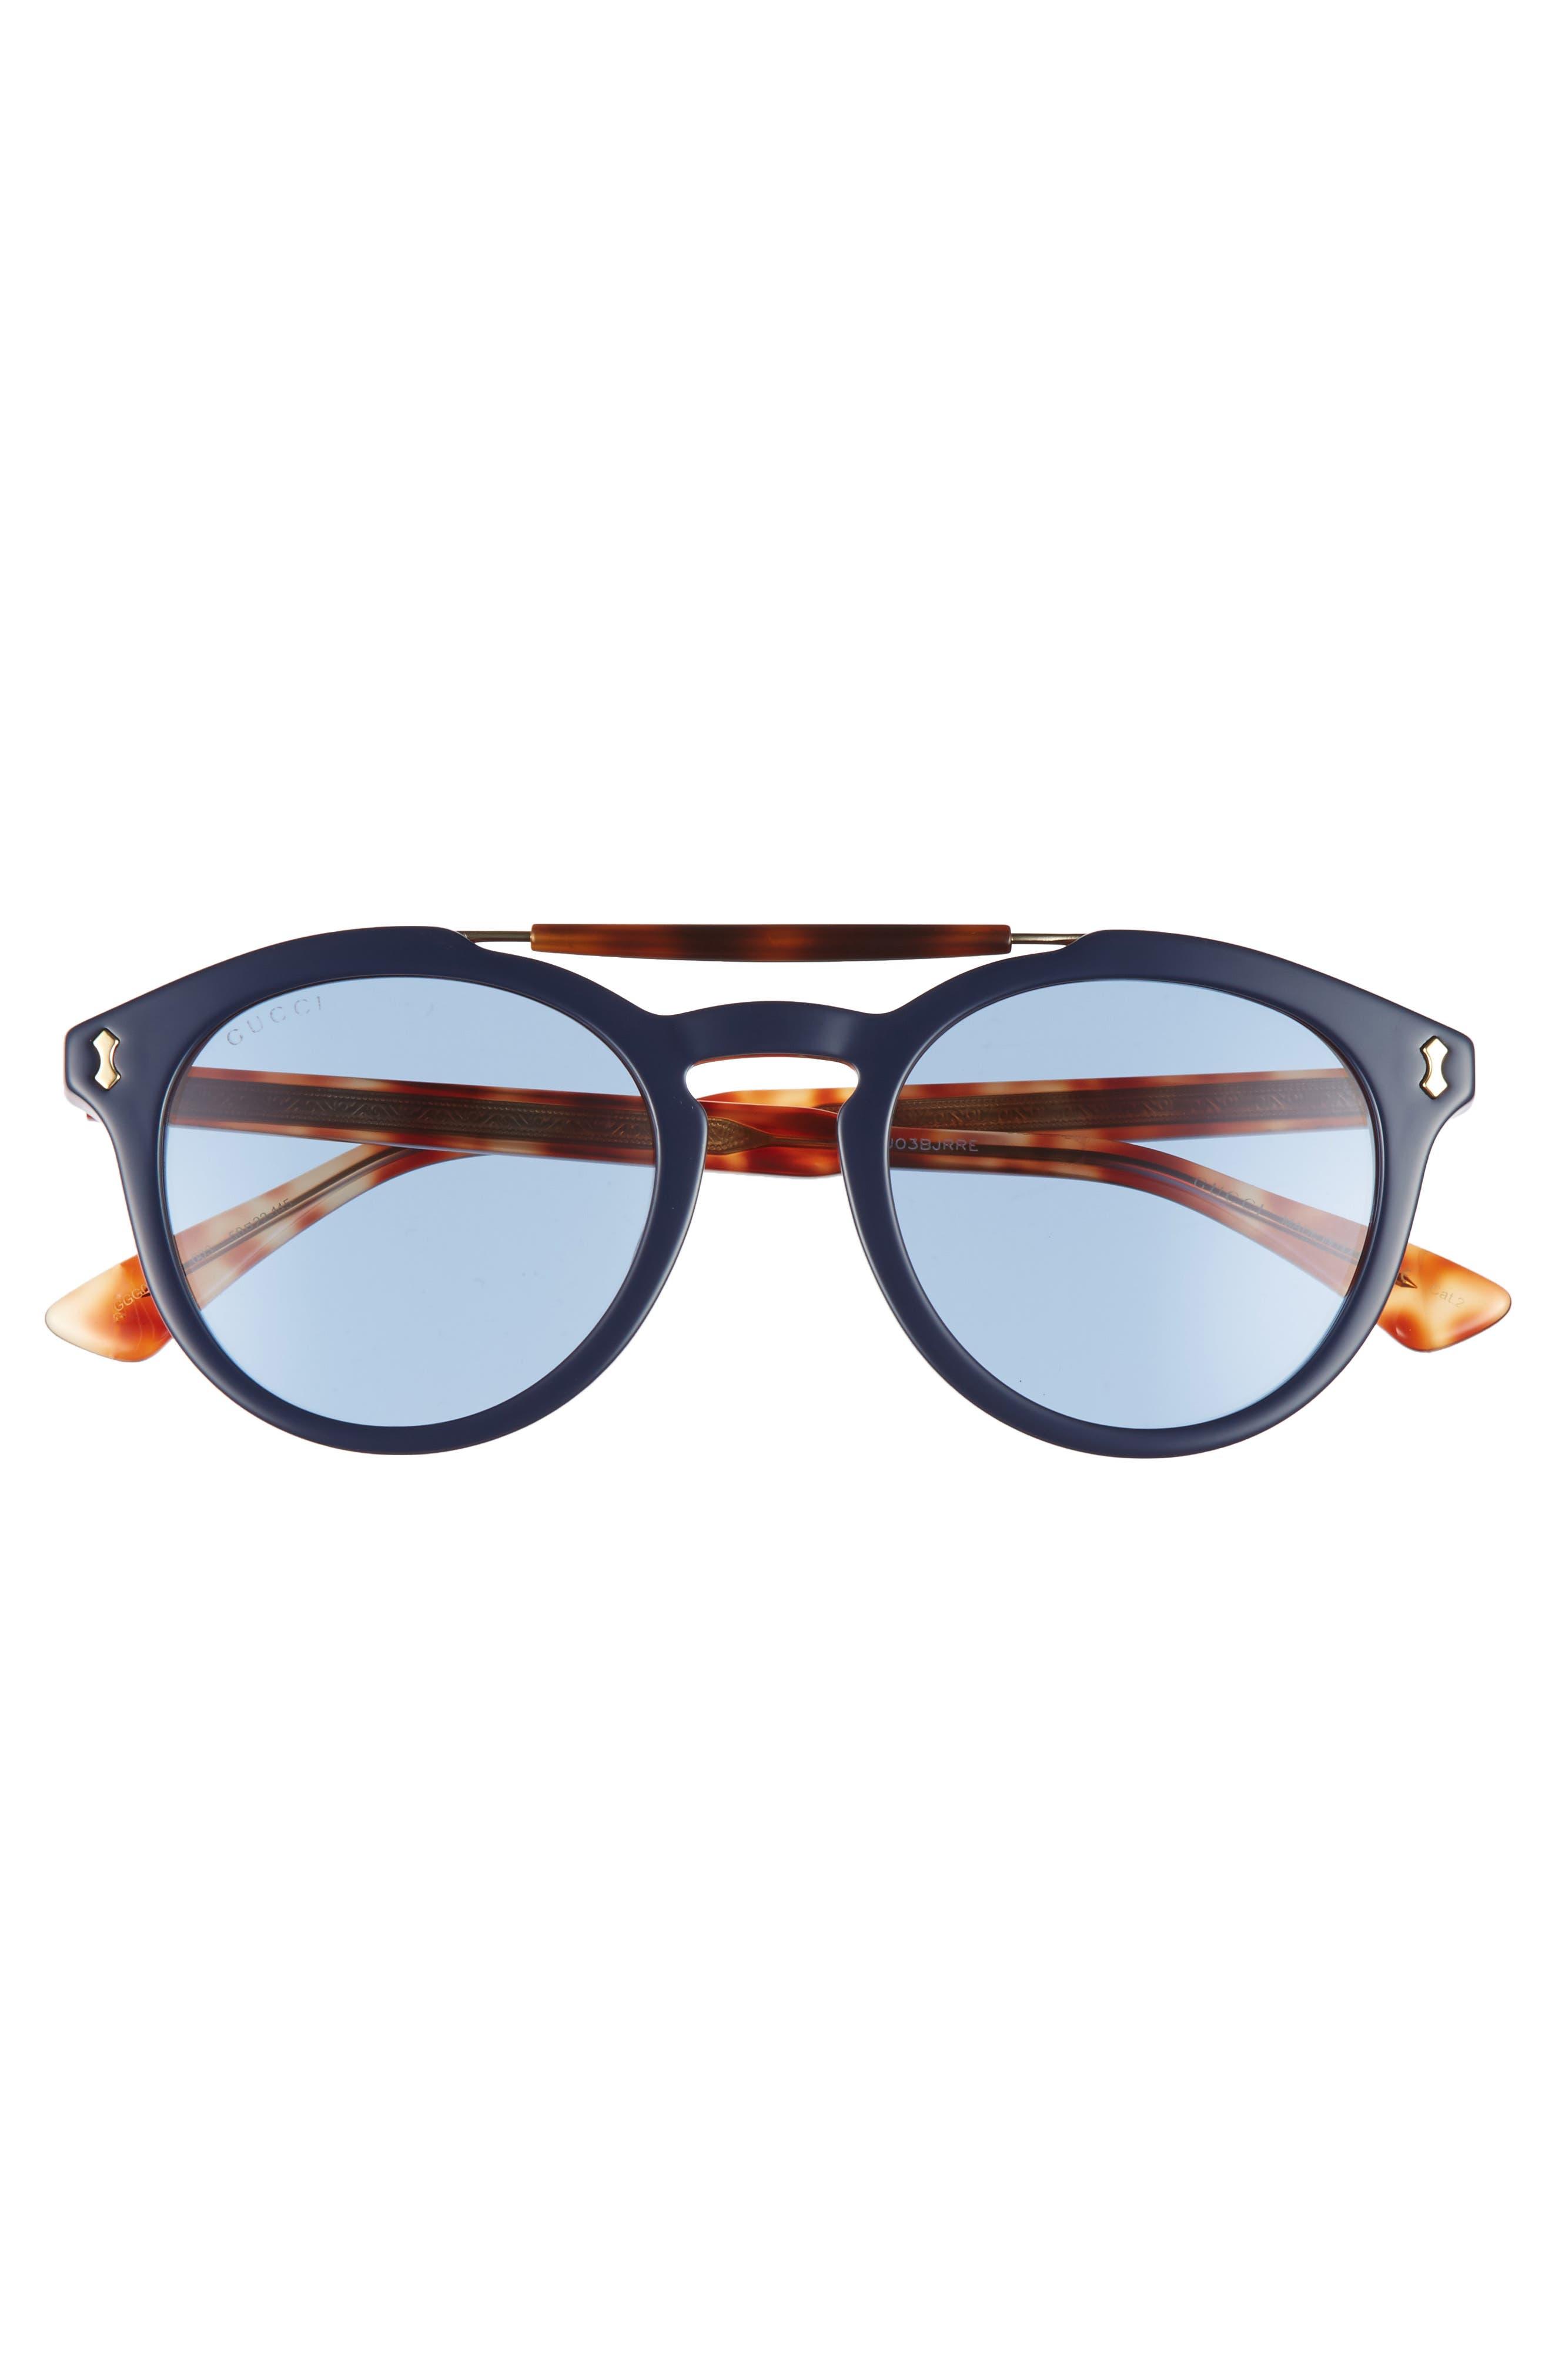 Vintage Pilot 50mm Sunglasses,                             Alternate thumbnail 2, color,                             Blue-Red/ Blue